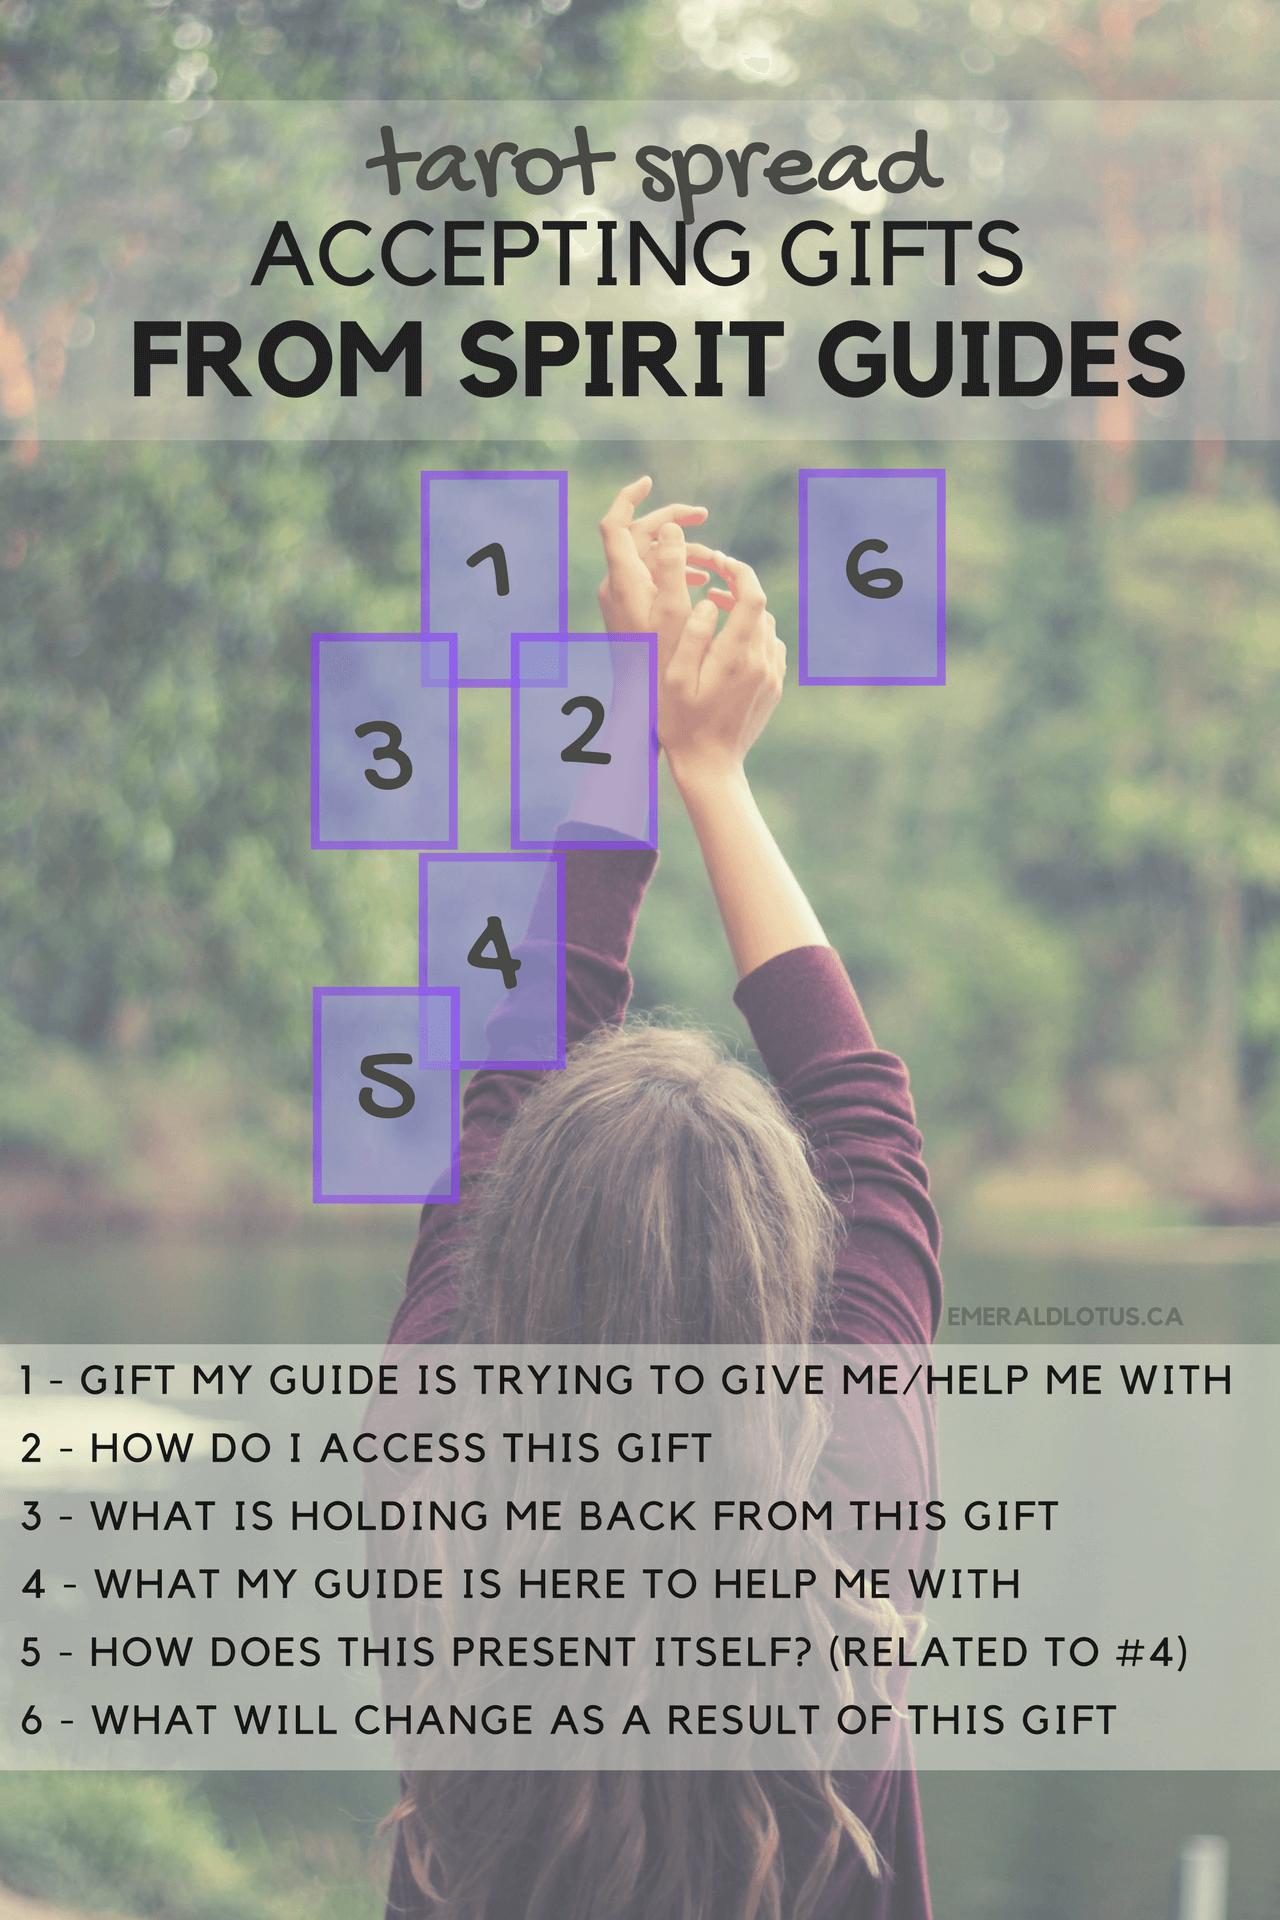 spirit-guides-2-1.png